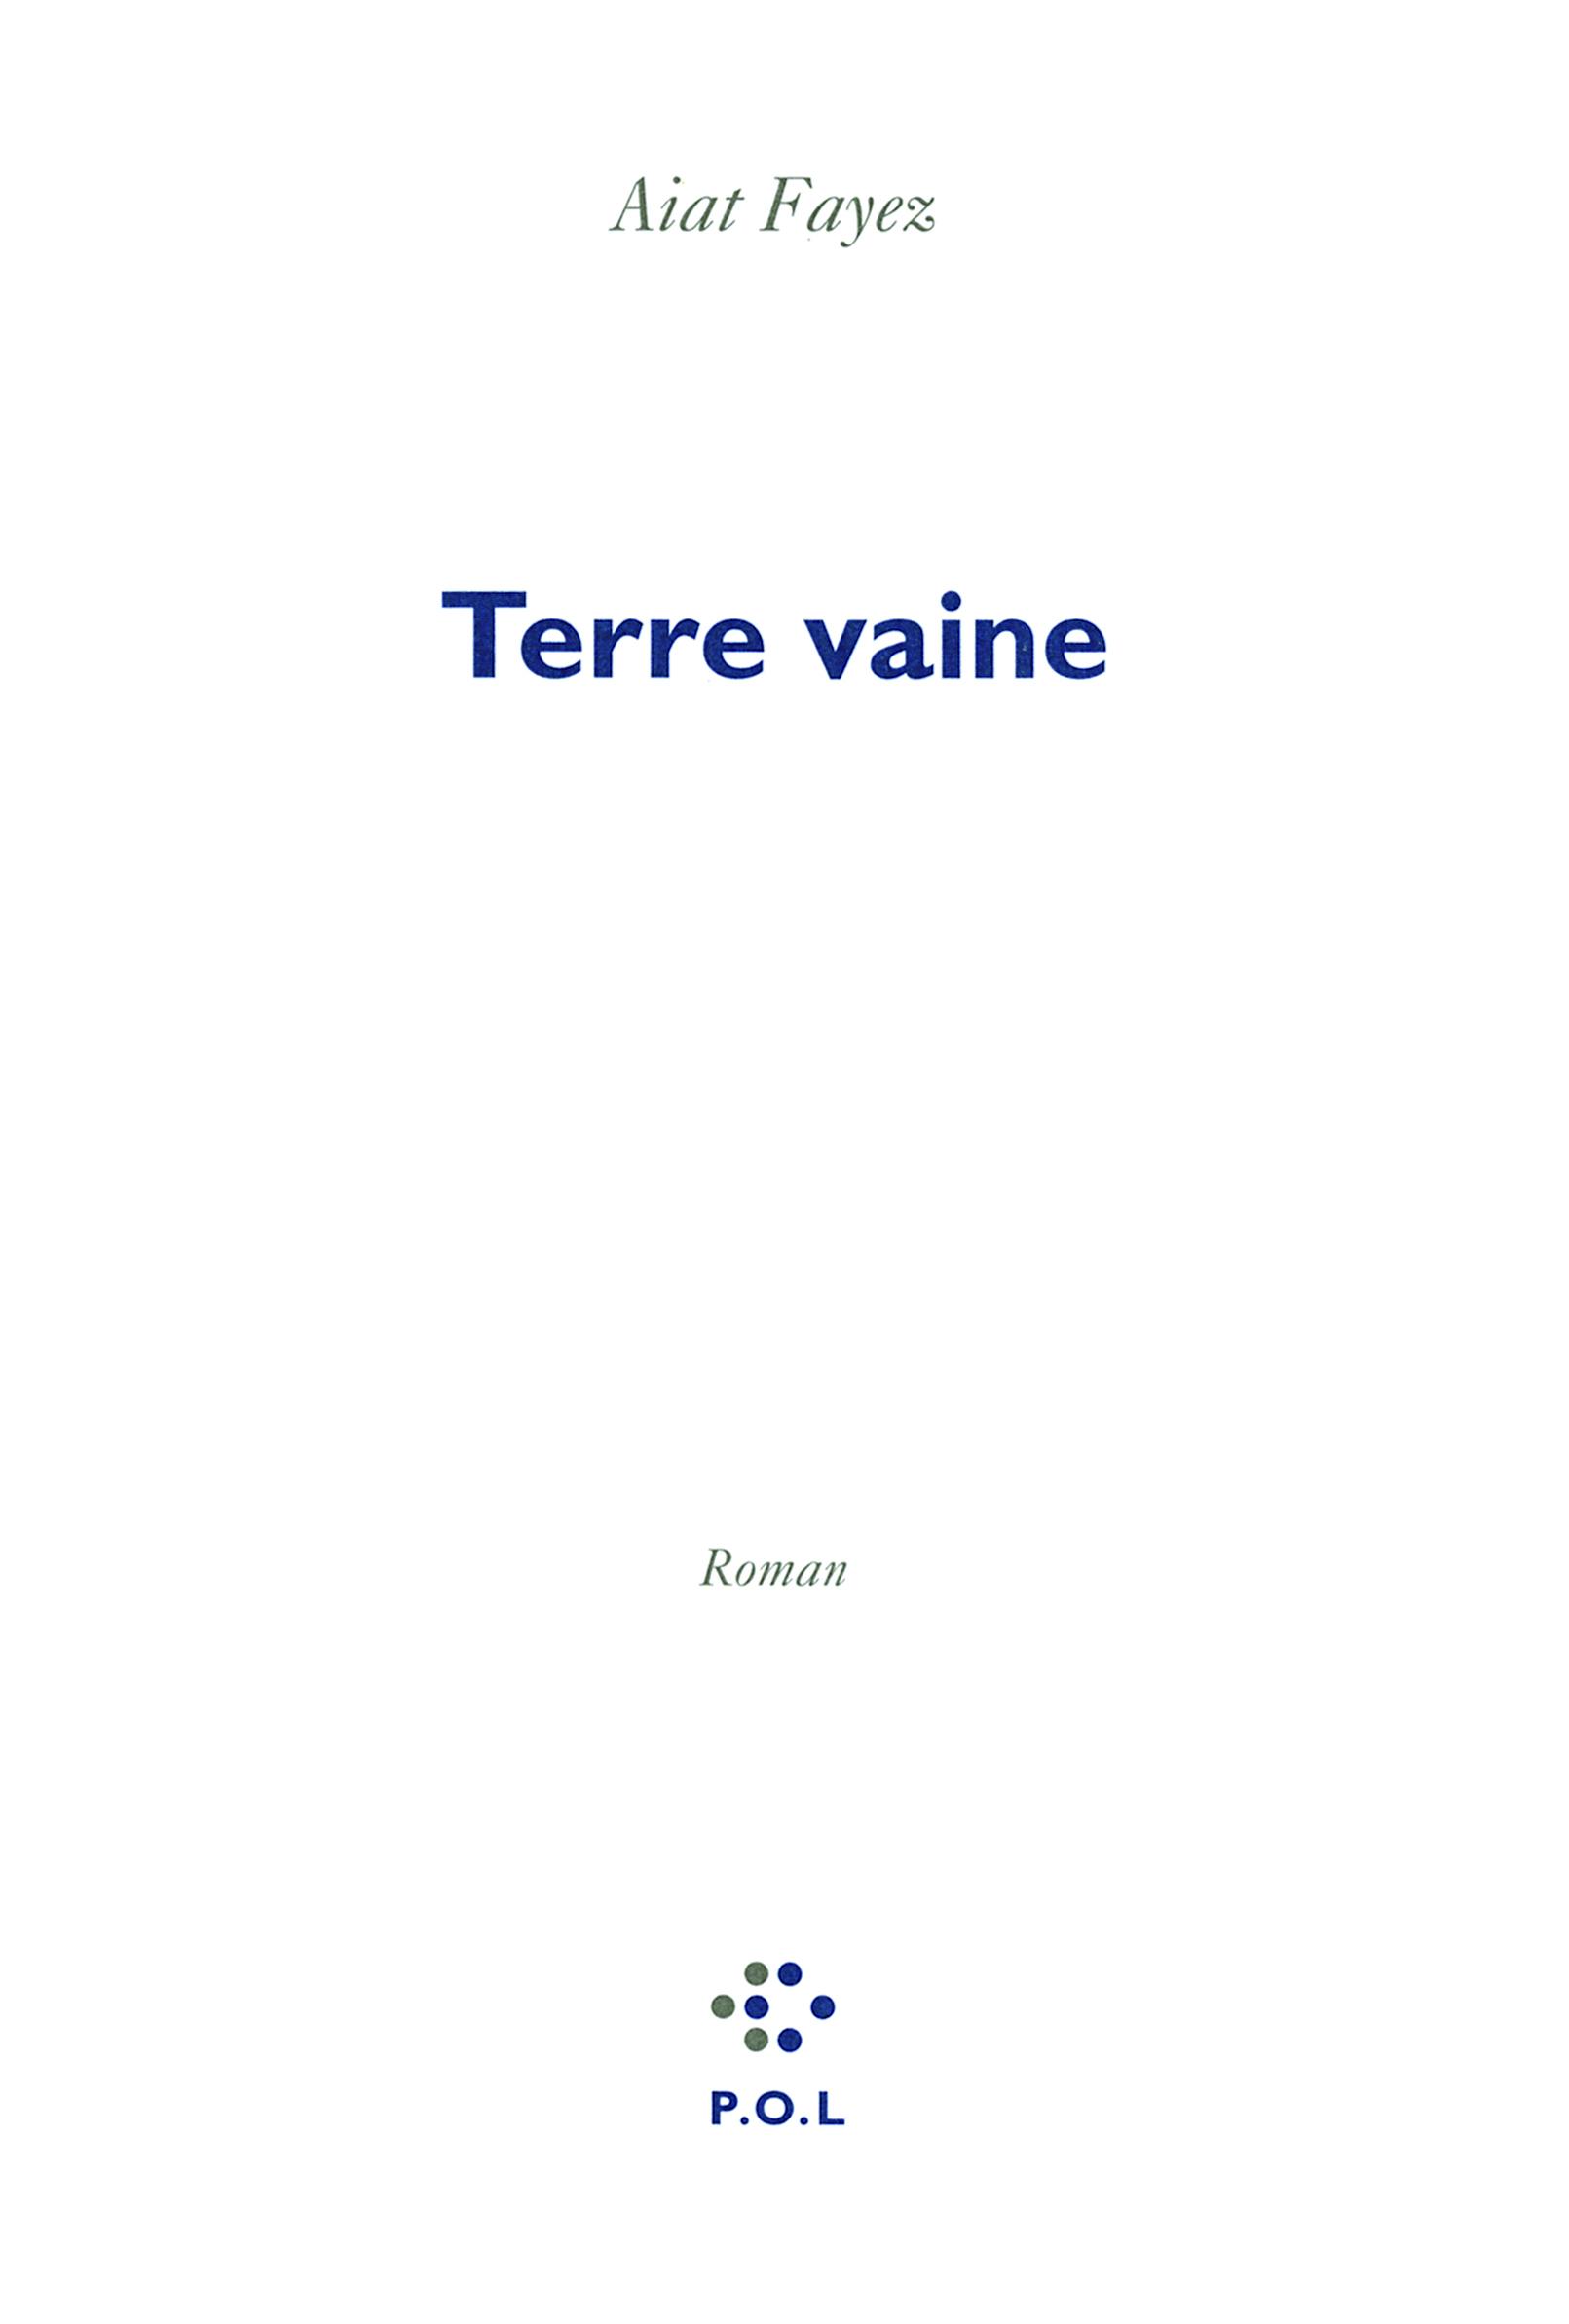 TERRE VAINE